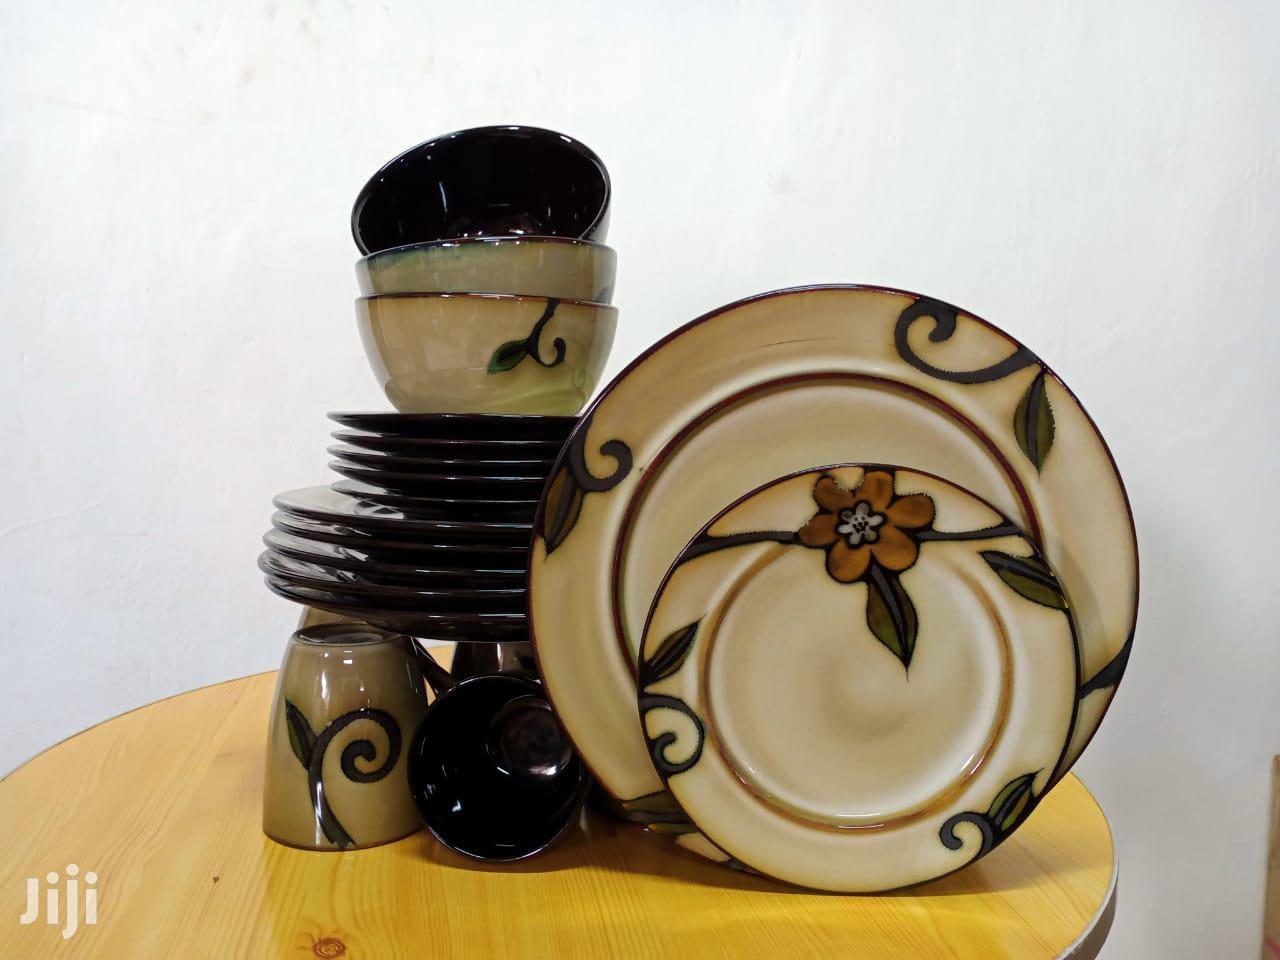 24pc Ceramic Dinner Set/Dinner Set/Unique Dinner Set | Kitchen & Dining for sale in Nairobi Central, Nairobi, Kenya